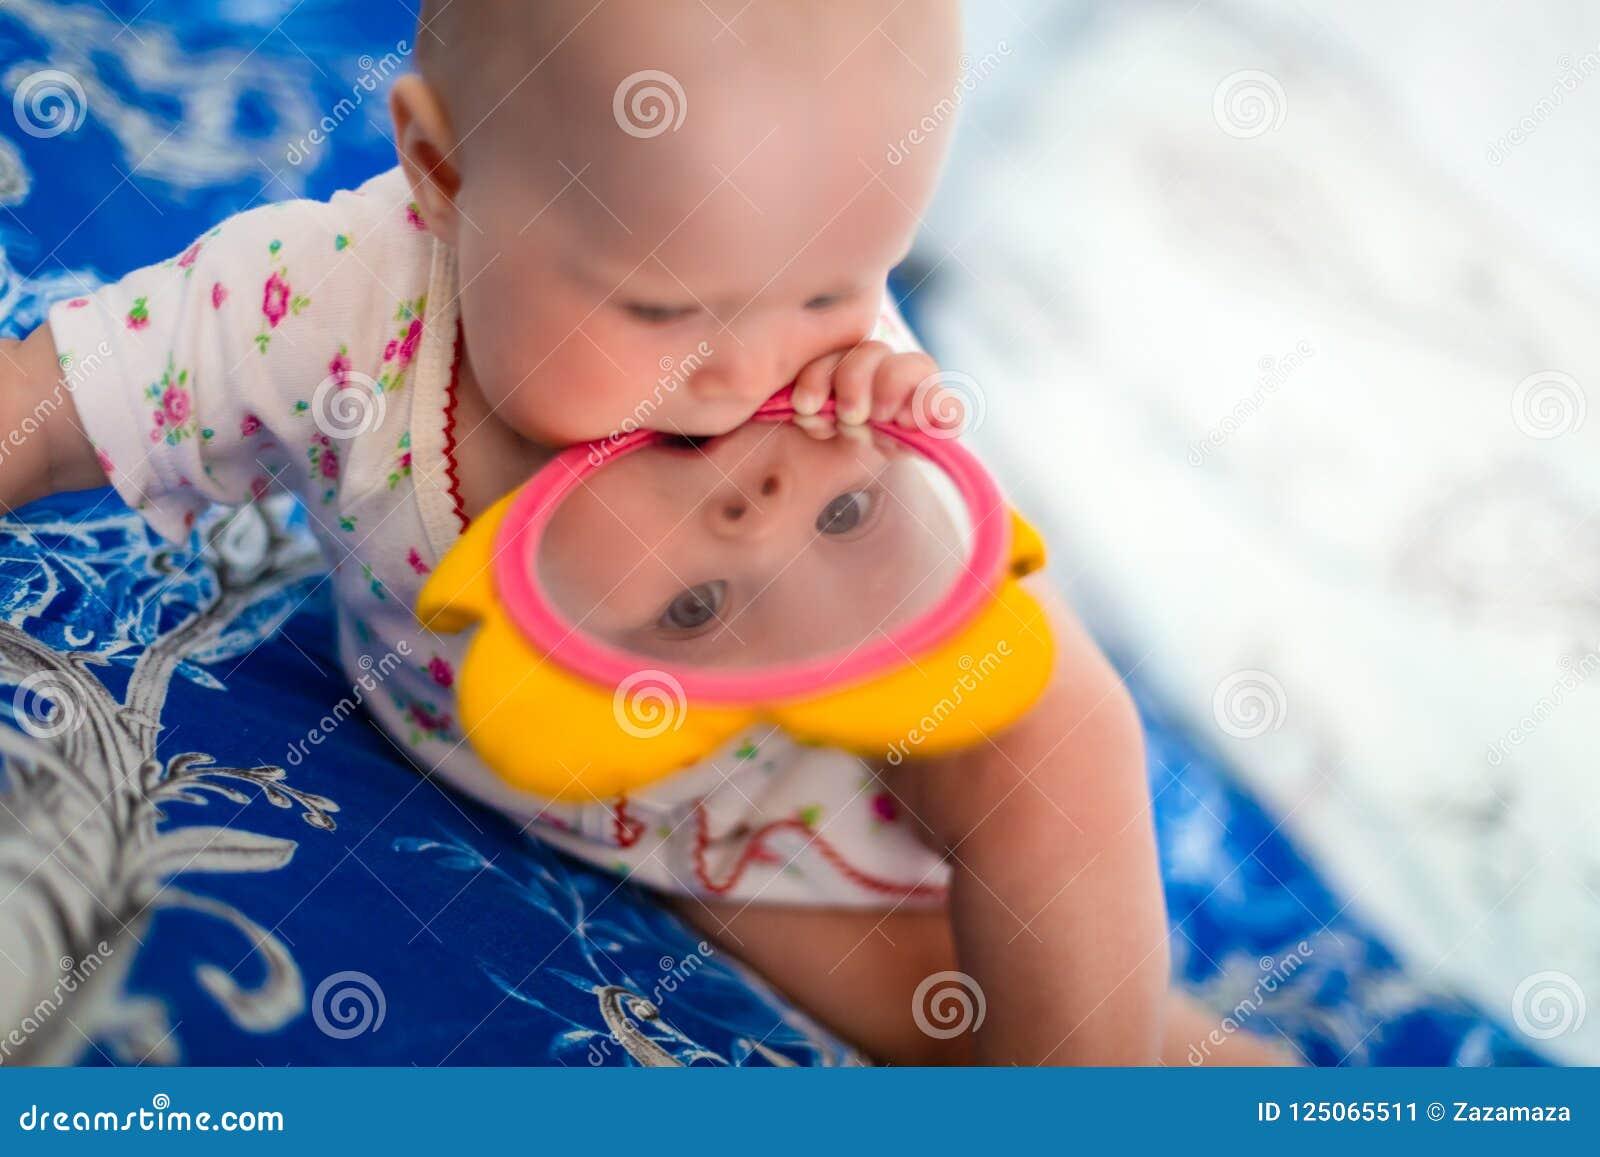 Το λατρευτό και χαριτωμένο κοριτσάκι κάθεται στο κρεβάτι και παίζει με τα παιχνίδια που είναι καθρέφτης παιδιών Το μικρό παιδί κρ